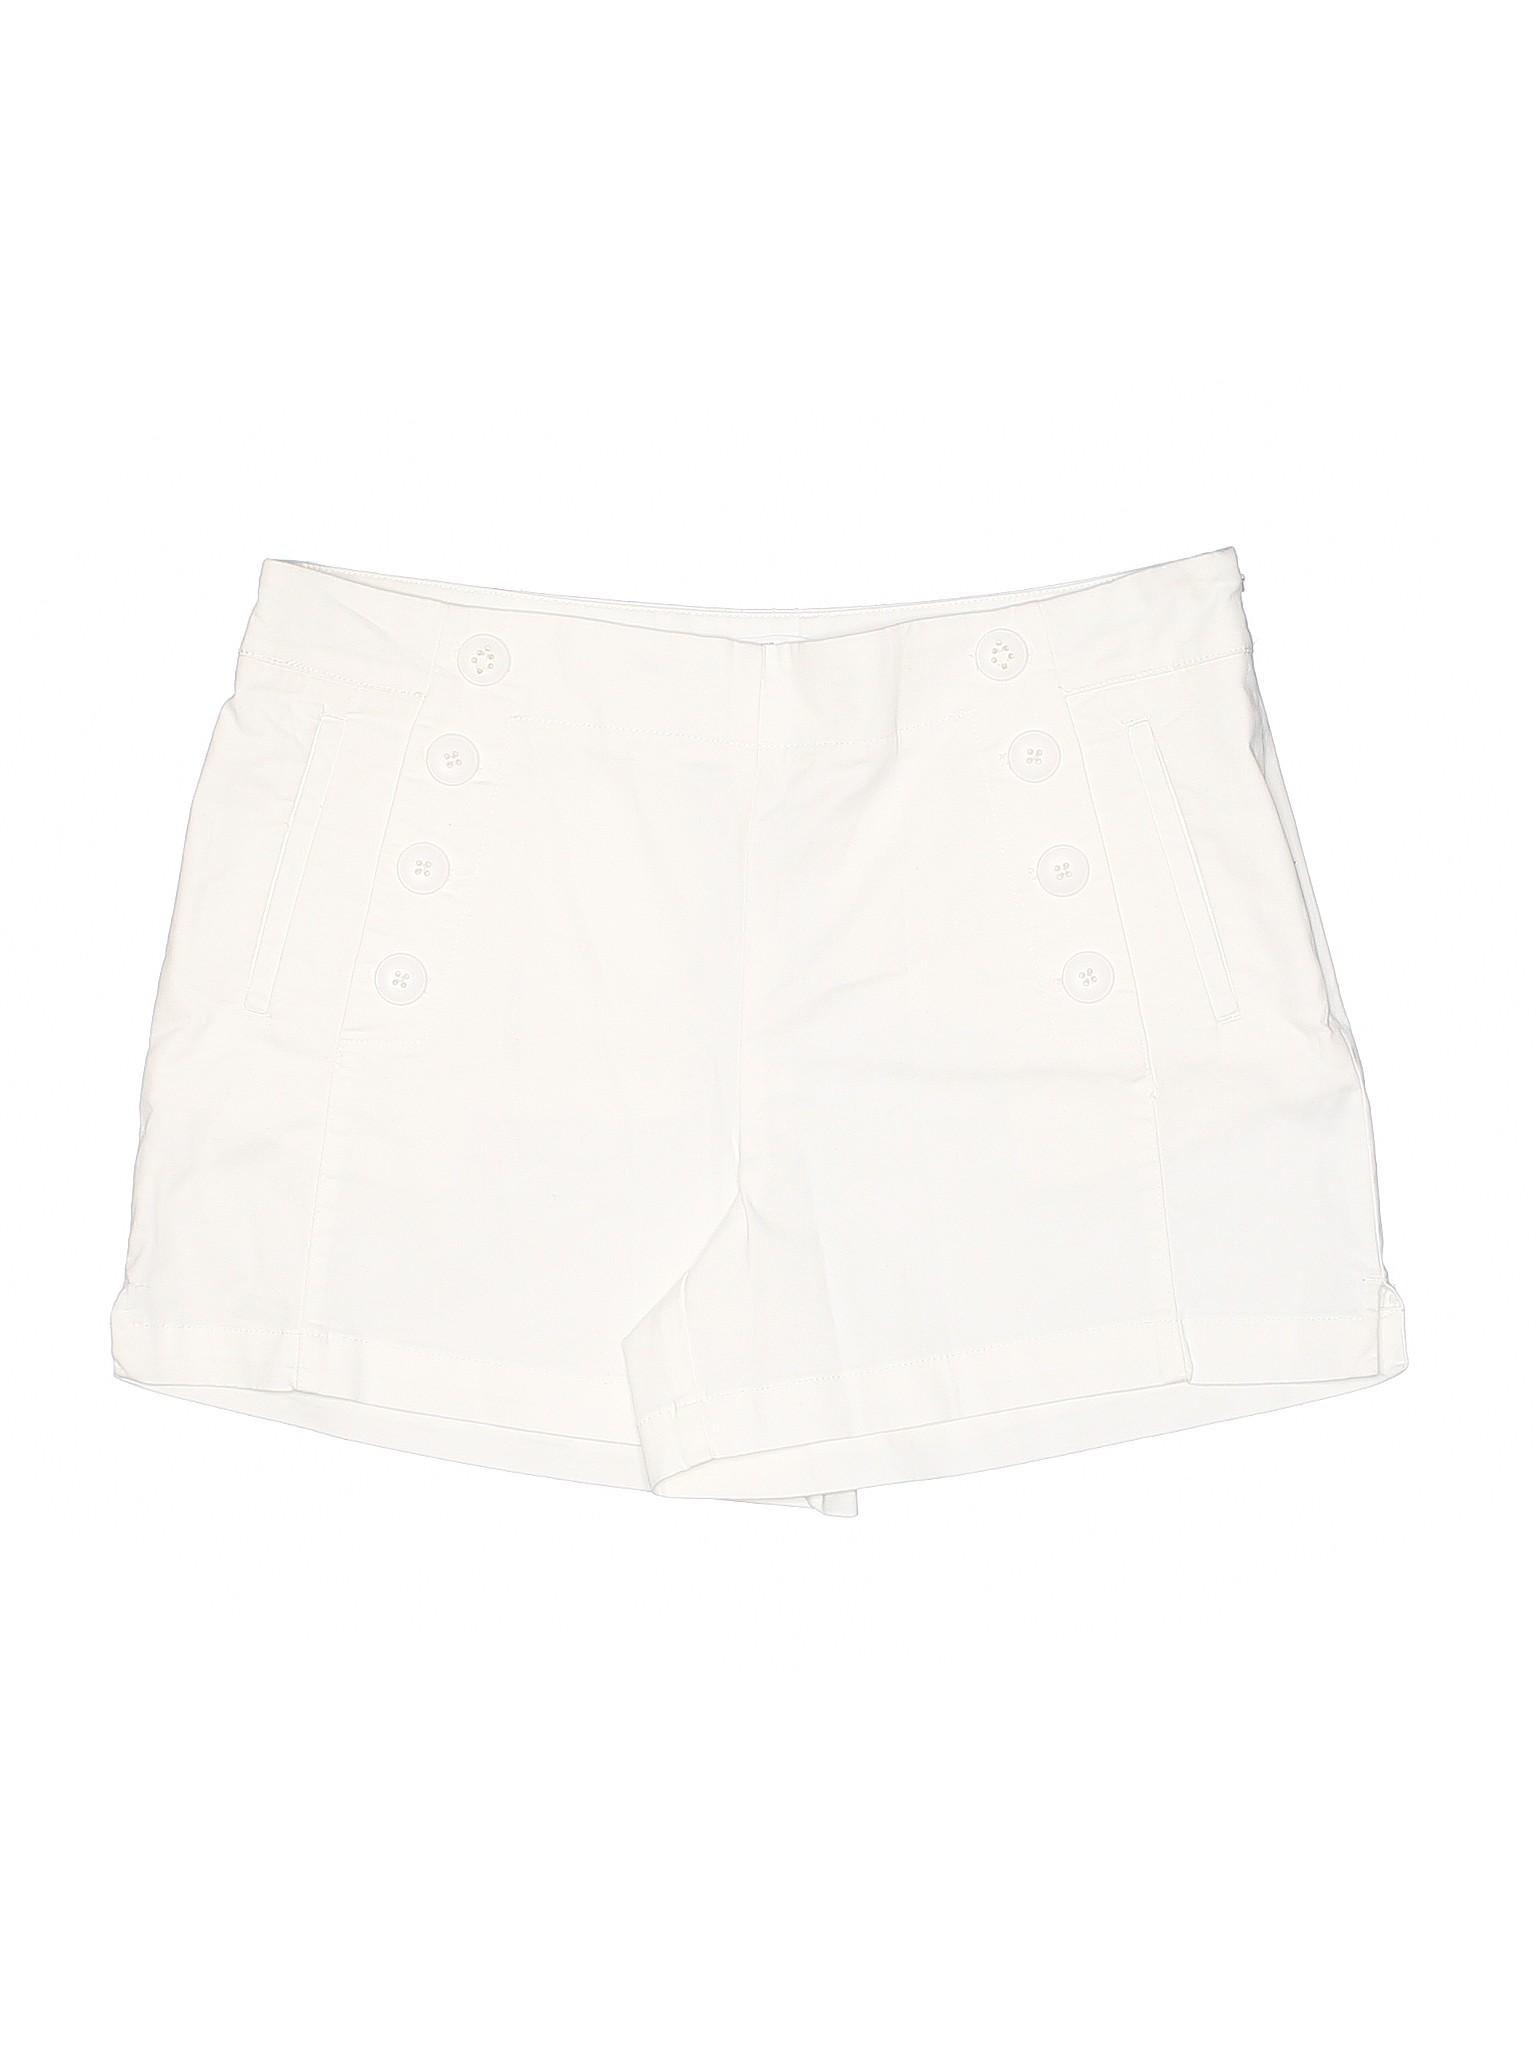 Ann Boutique Ann Shorts Boutique Boutique Taylor Ann Taylor Shorts LOFT LOFT x77PHwqa0